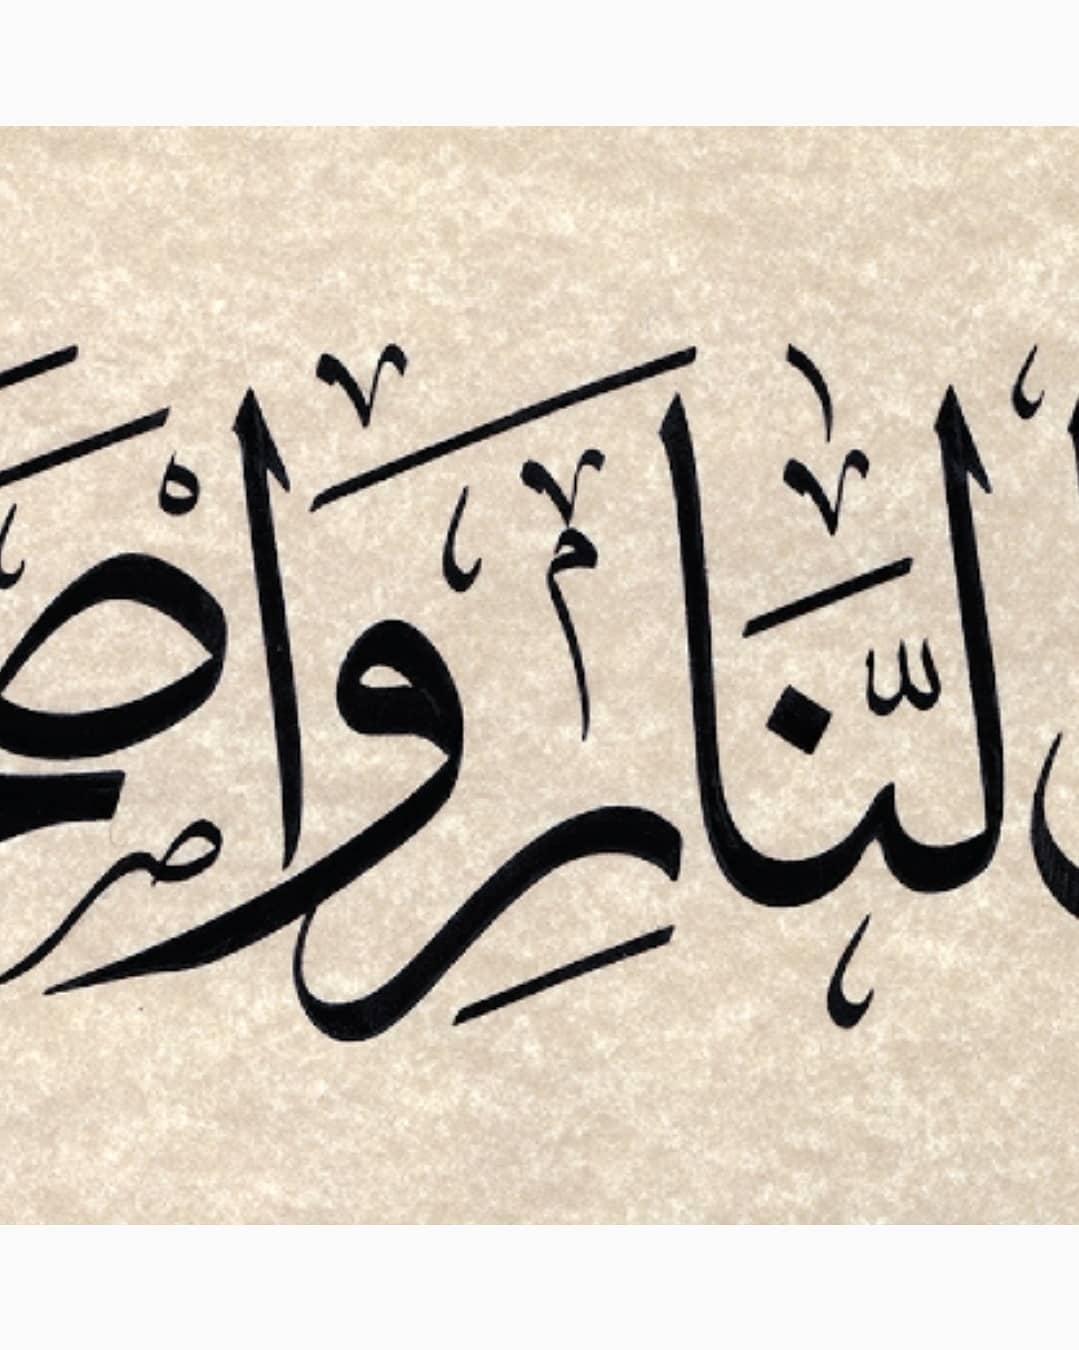 al kattat احمدعلی نمازی  .....5mm ... .....Haşr suresi 20-24...... .70×100cm . . . . . . . . . .#islamic... 672 3